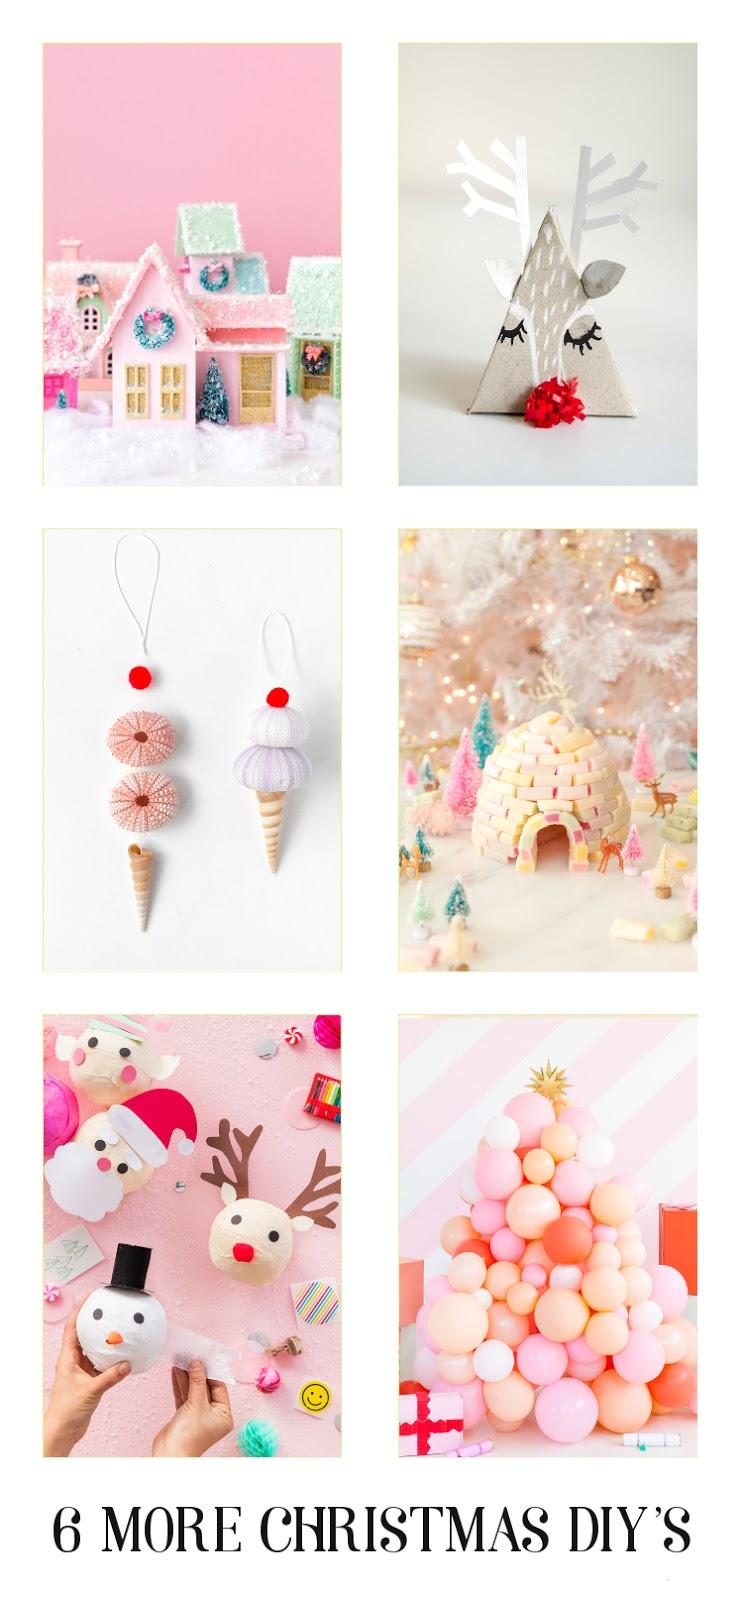 6 MORE CHRISTMAS DIY'S.